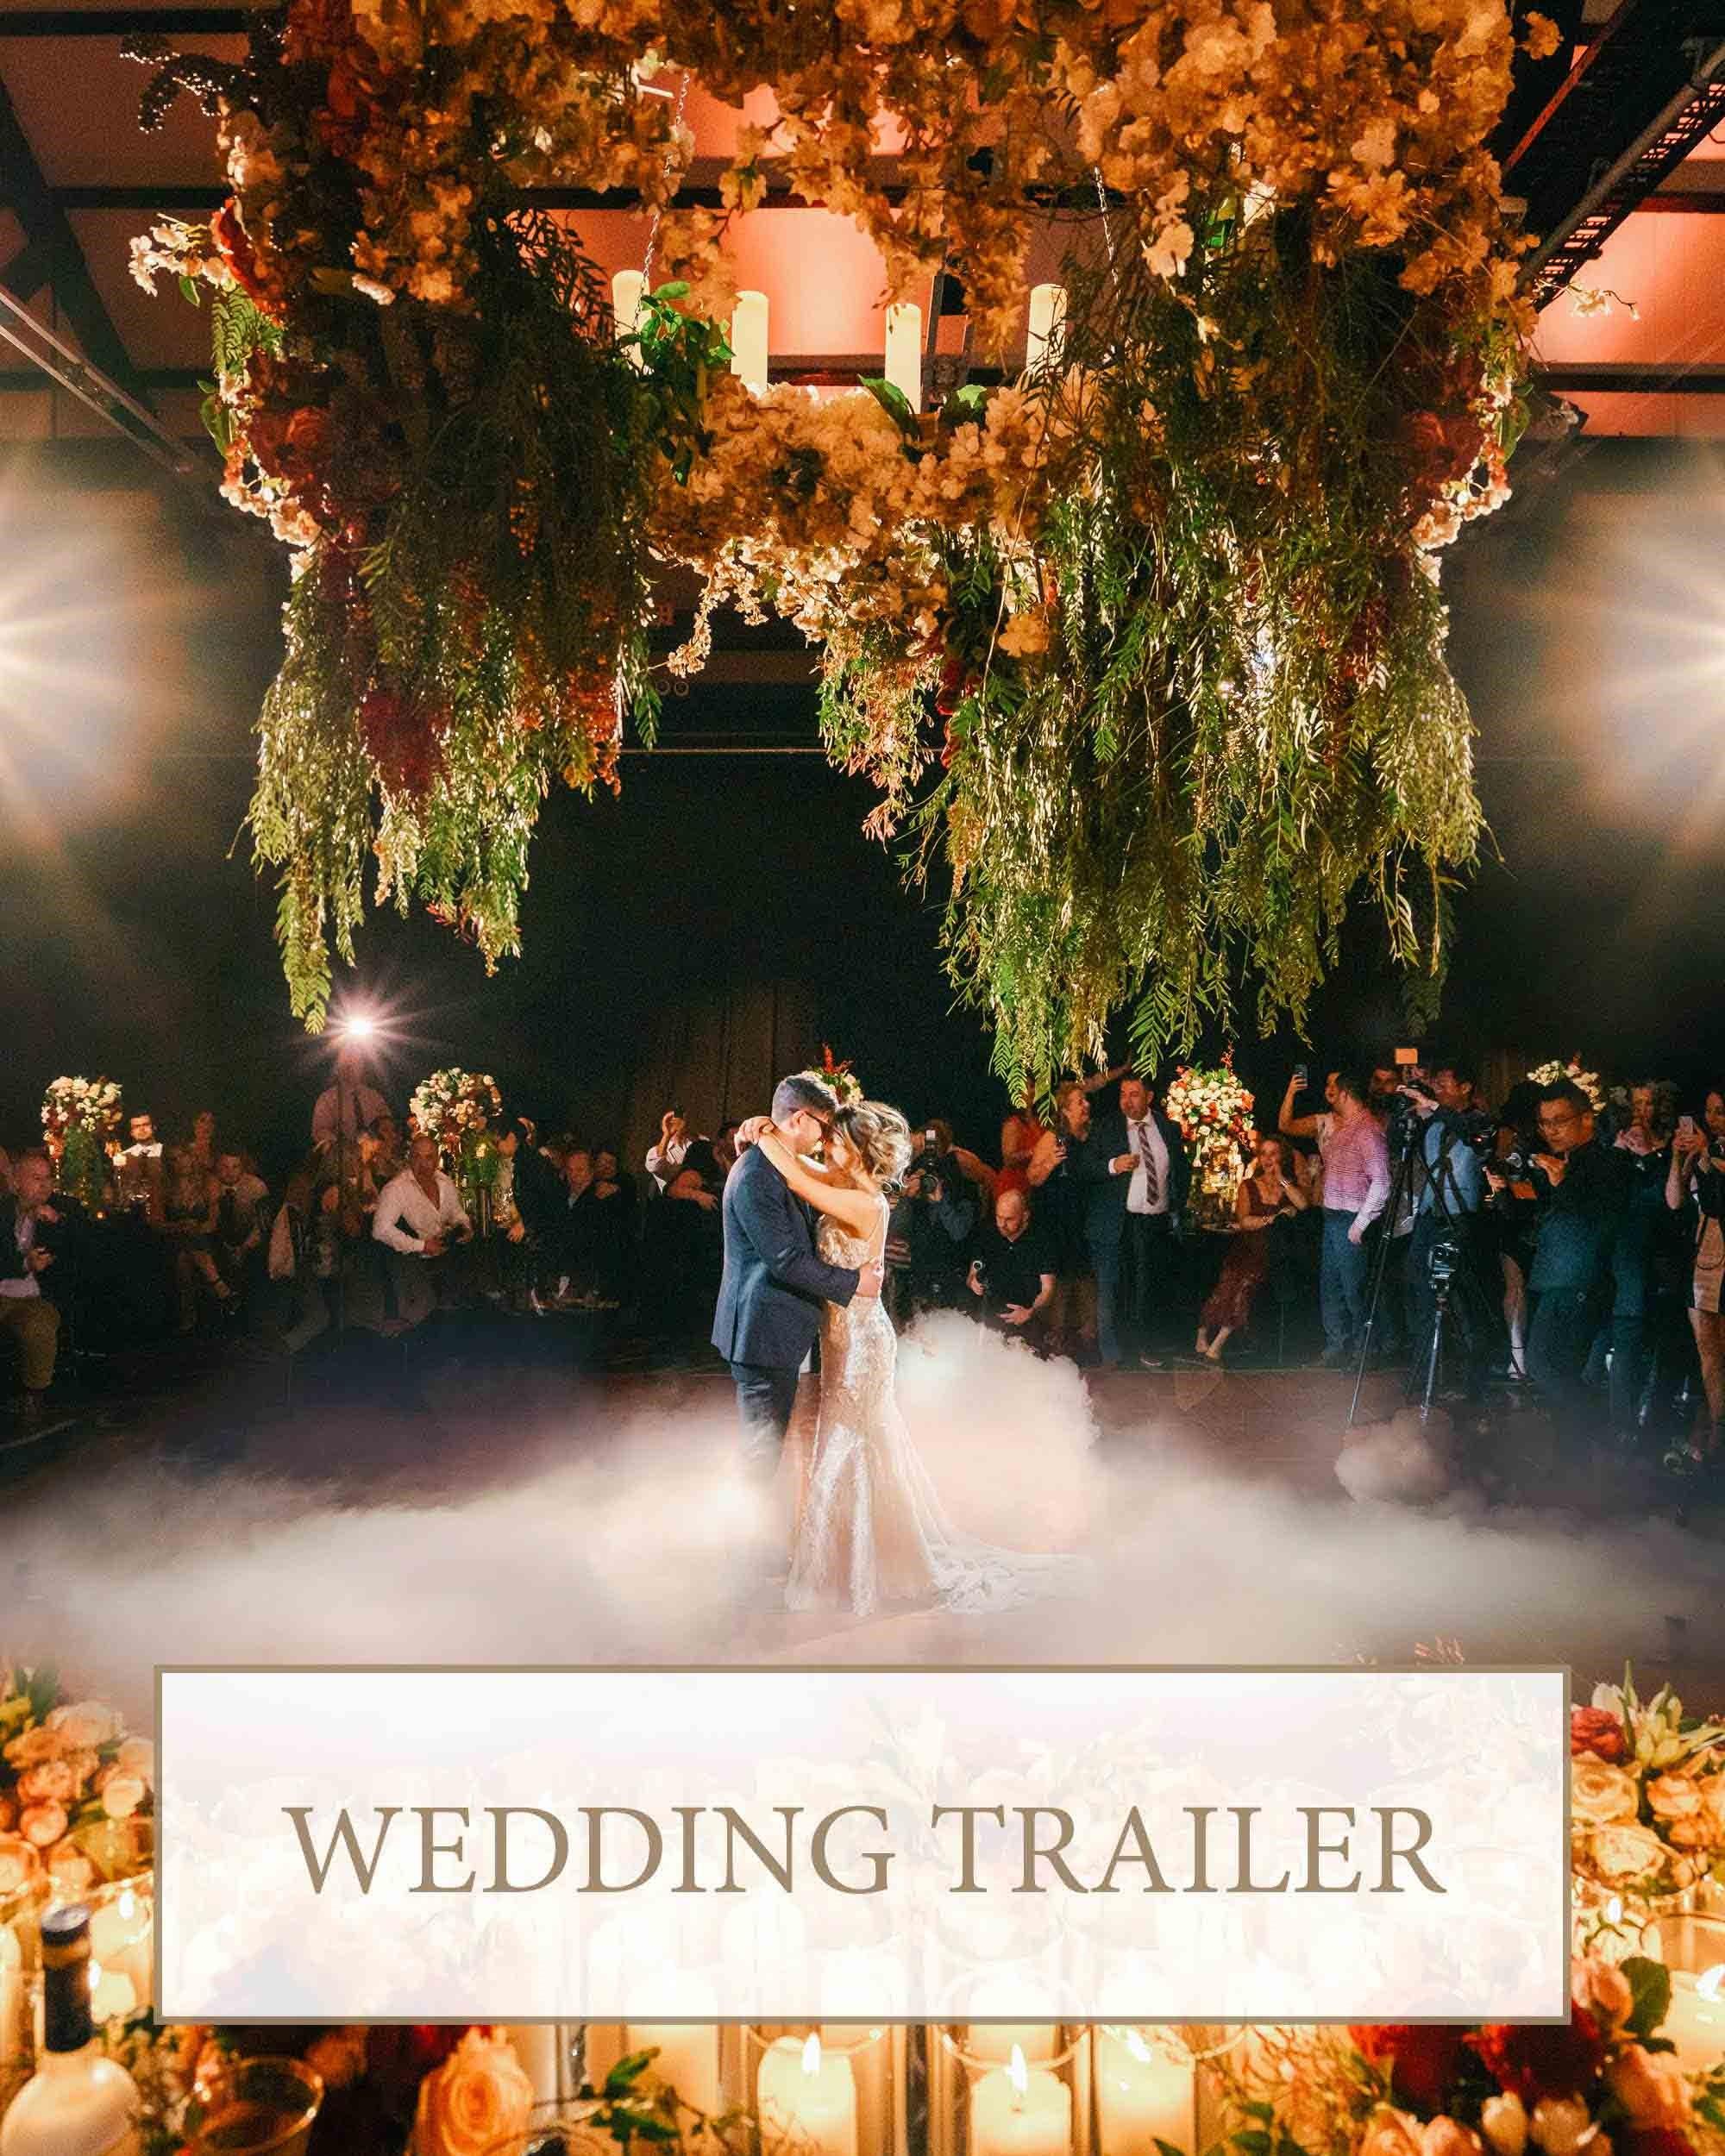 Sydney Wedding Trailer